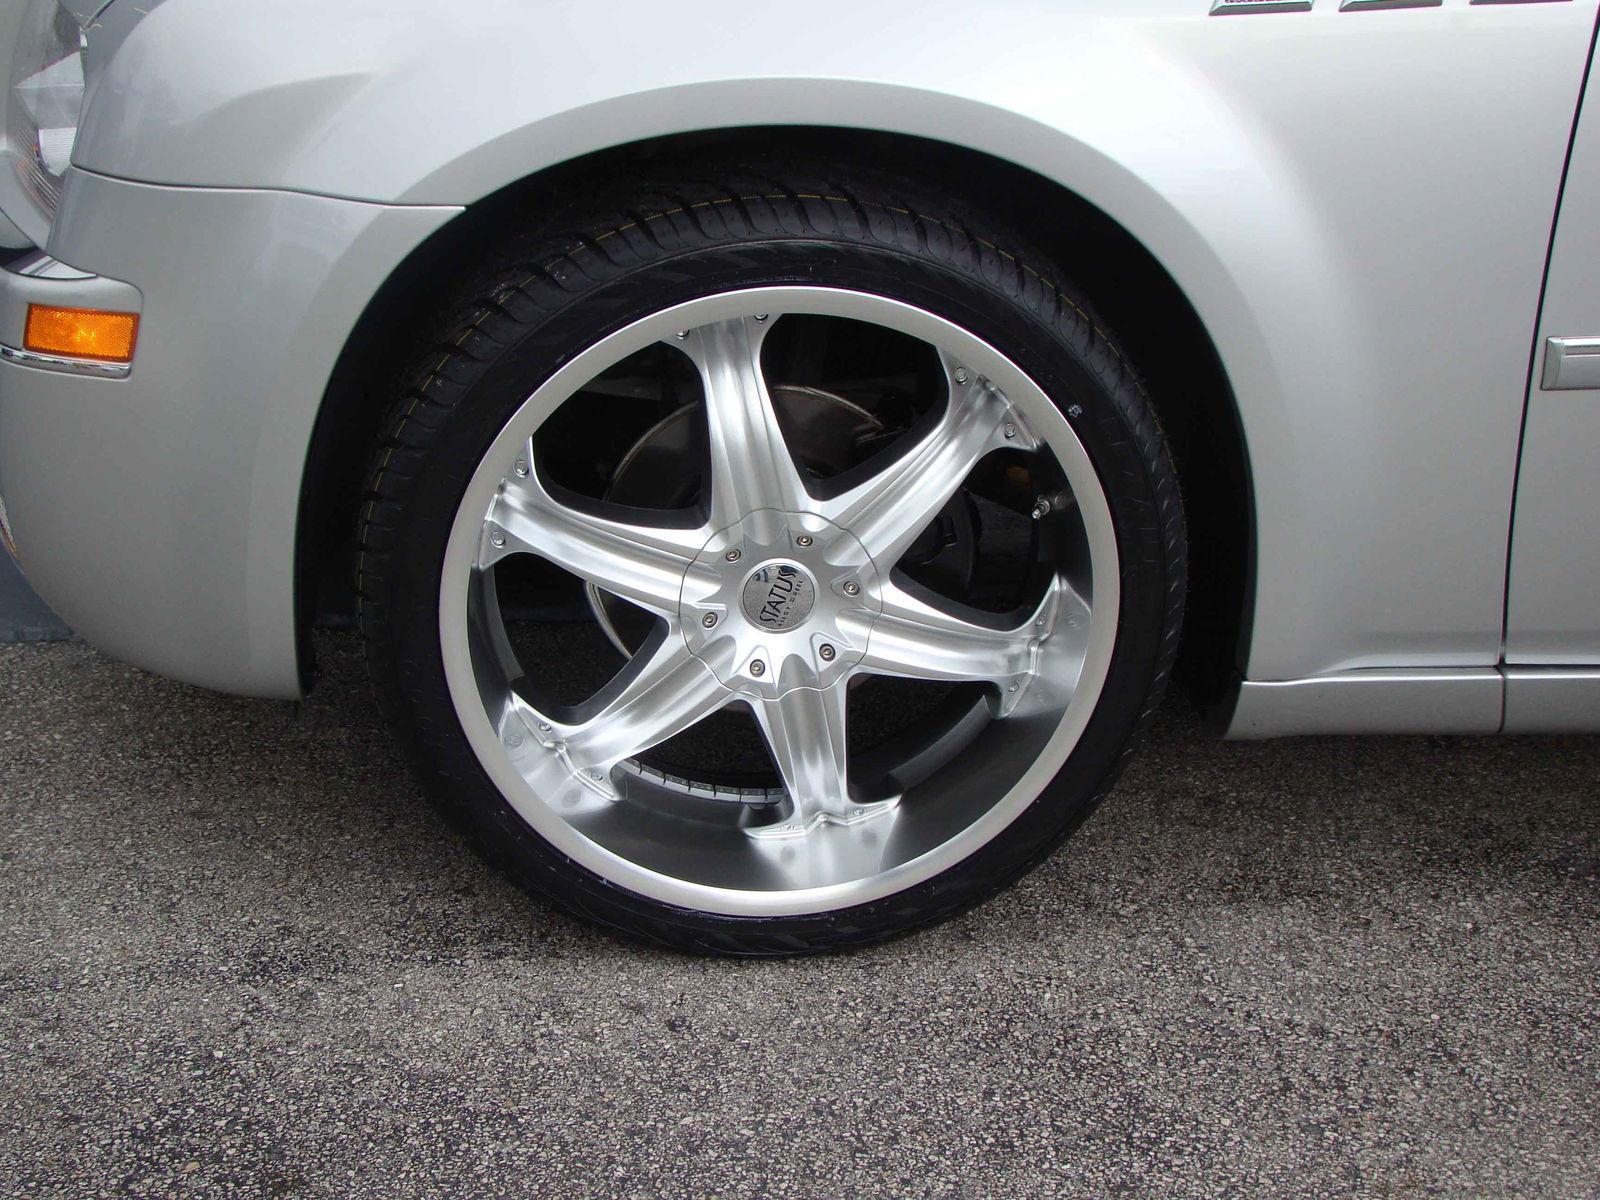 2010 Chrysler 300 | Chrysler 300